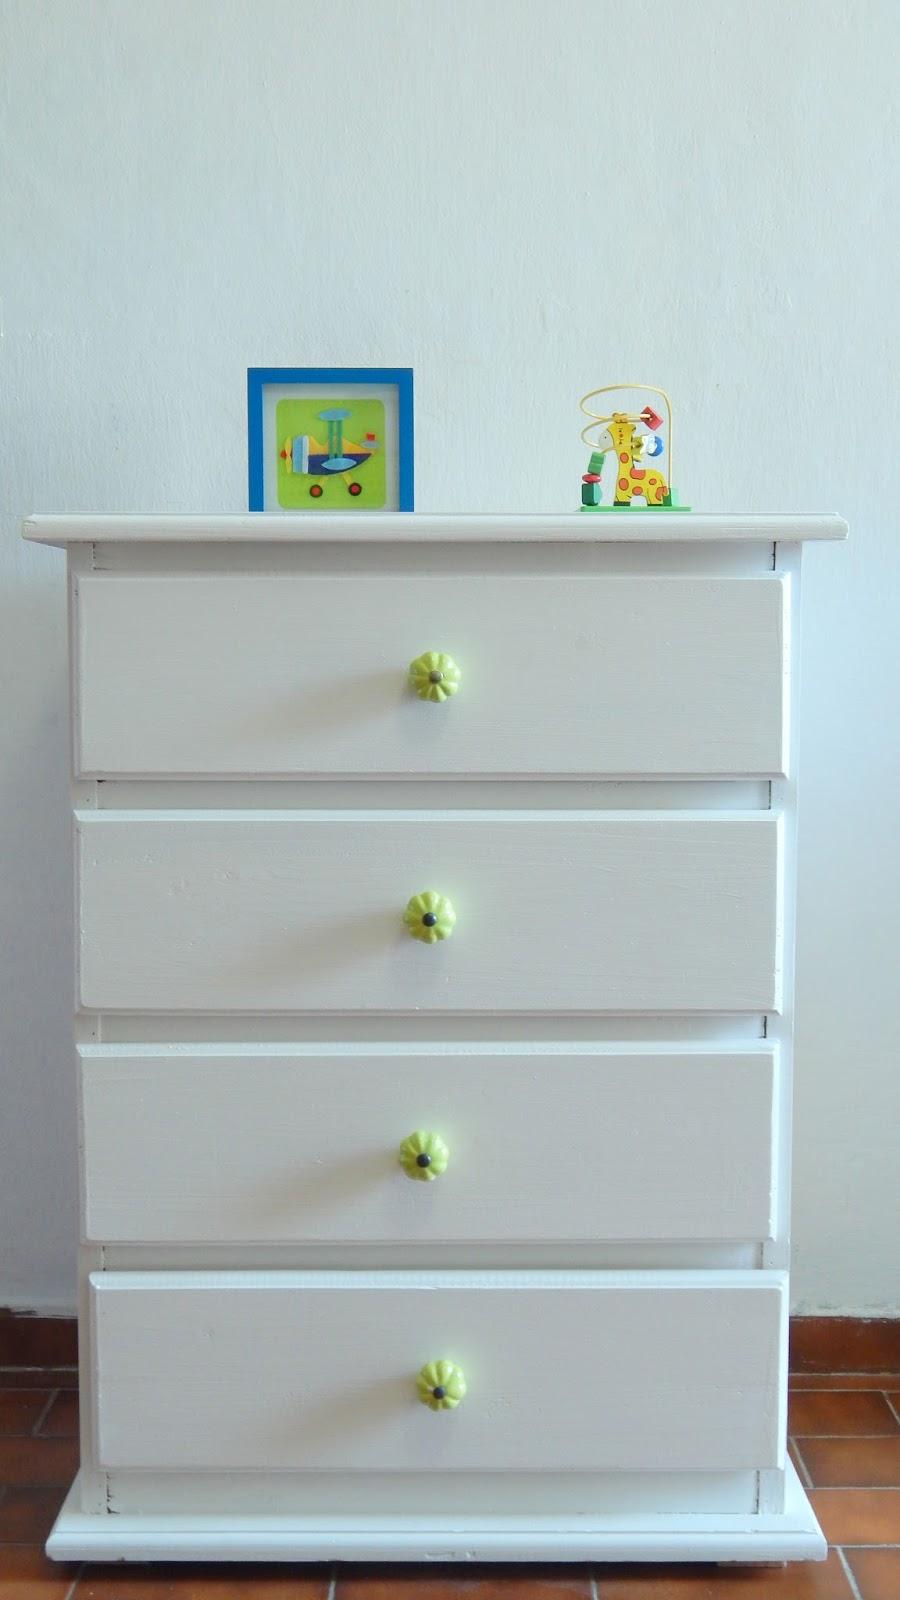 Soldeco mueble reciclado - Tiradores de porcelana ...